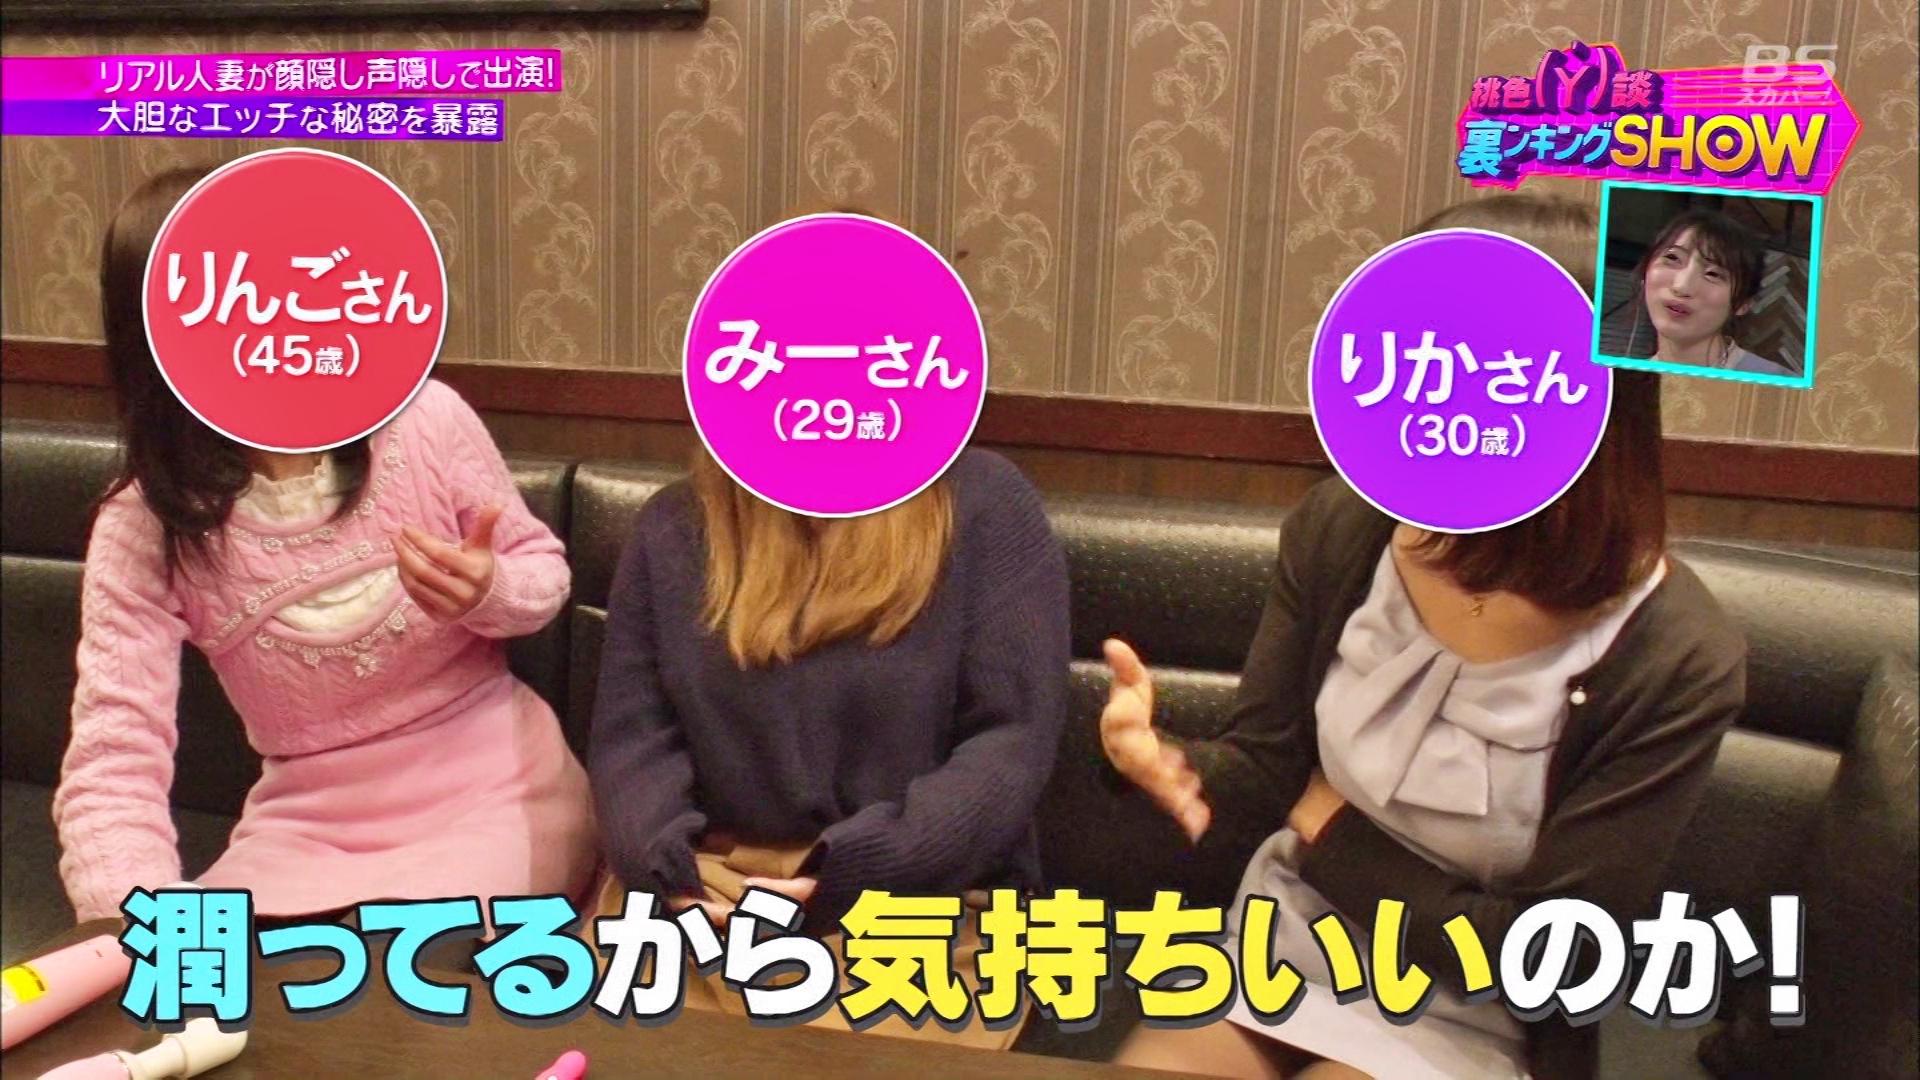 BSスカパー!「桃色Y談 裏ンキングSHOW」♯9「人妻のリアルな秘密」のテレビキャプチャー画像-028